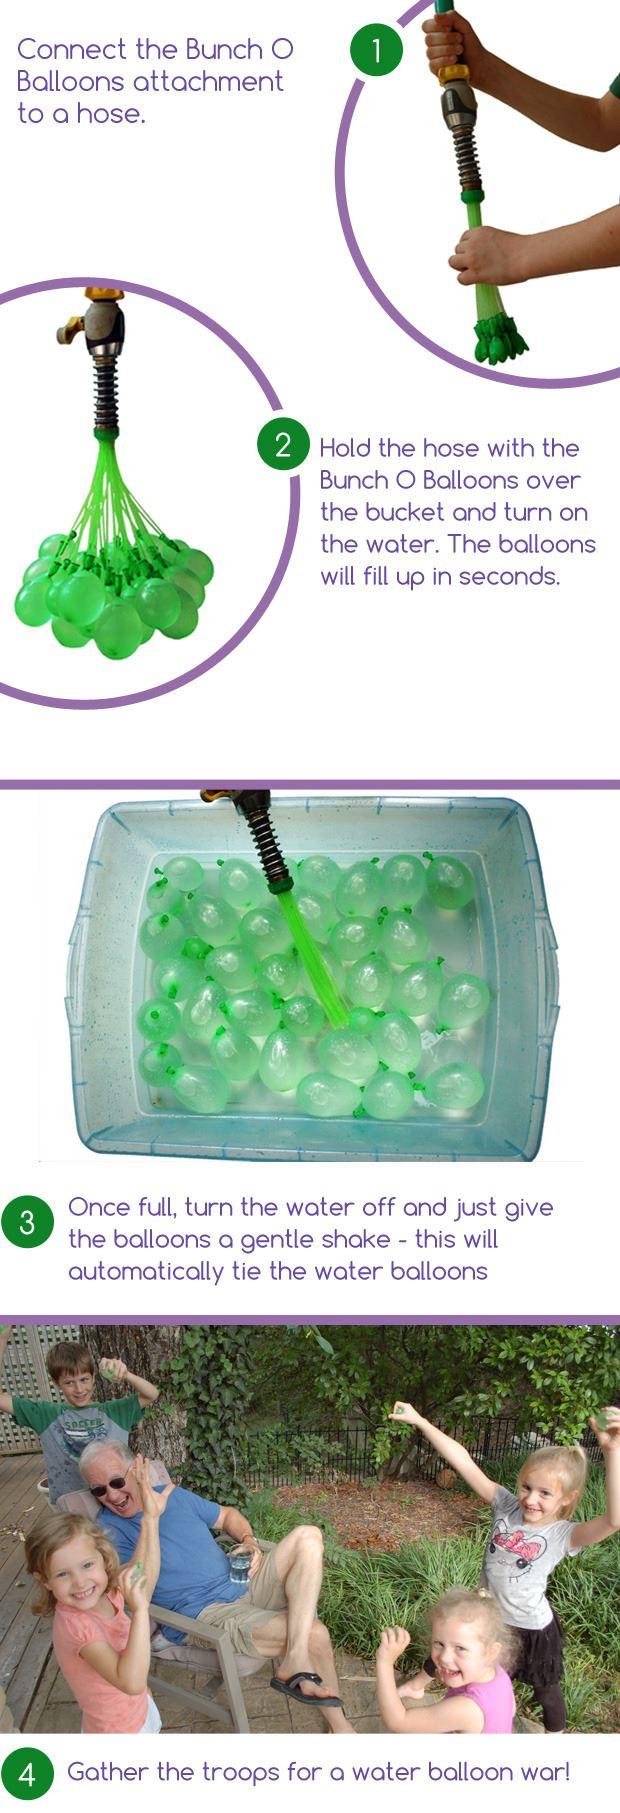 これは楽しい!1分間に100個作れる水風船「Bunch O Balloons」